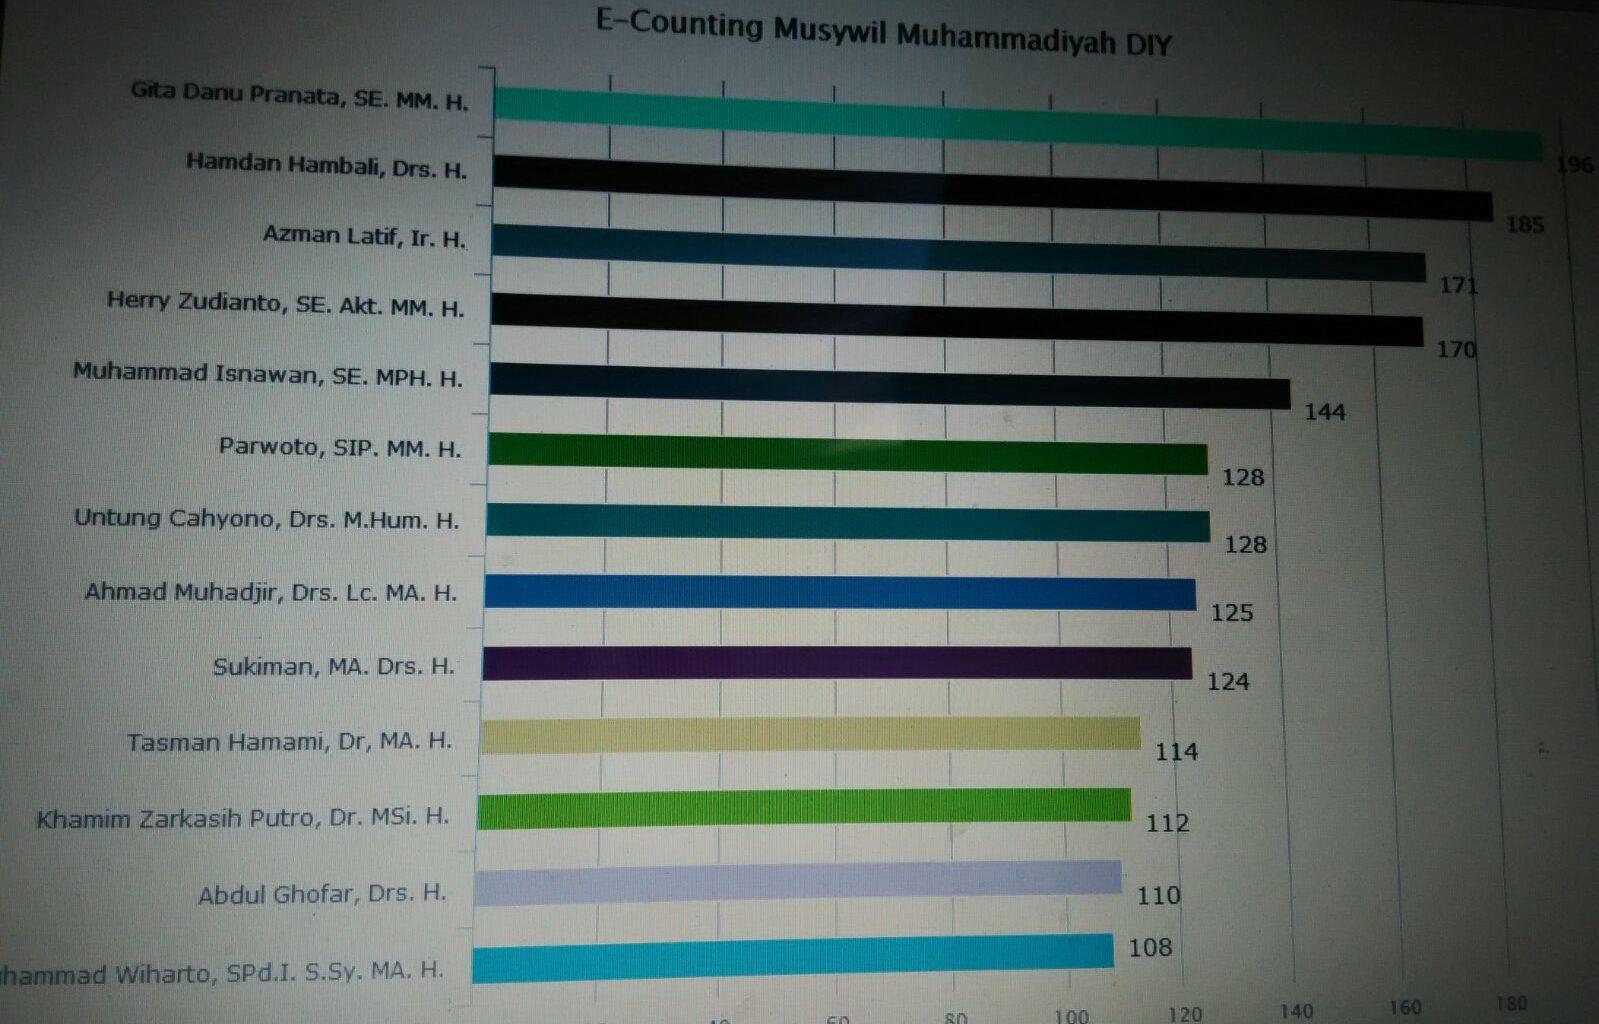 Teknologi E-Counting dalam Pemilihan Formatur Muhammadiyah Yogyakarta